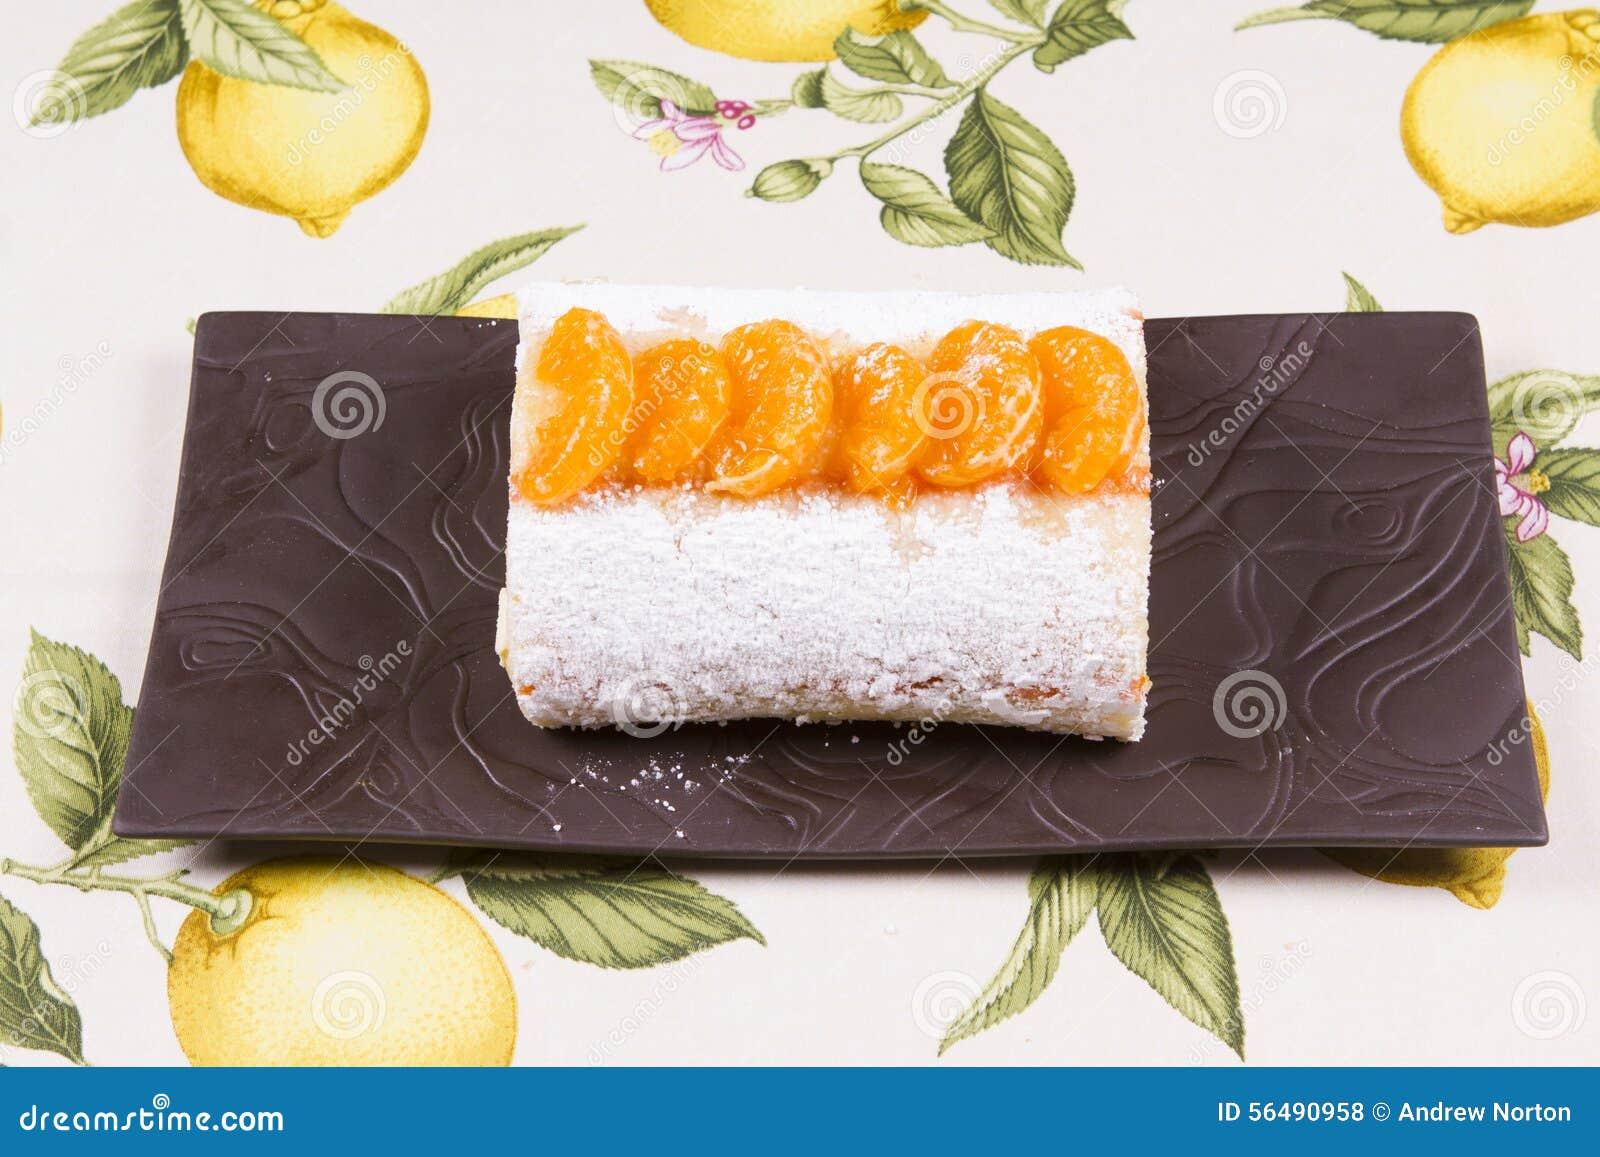 Bûche orange